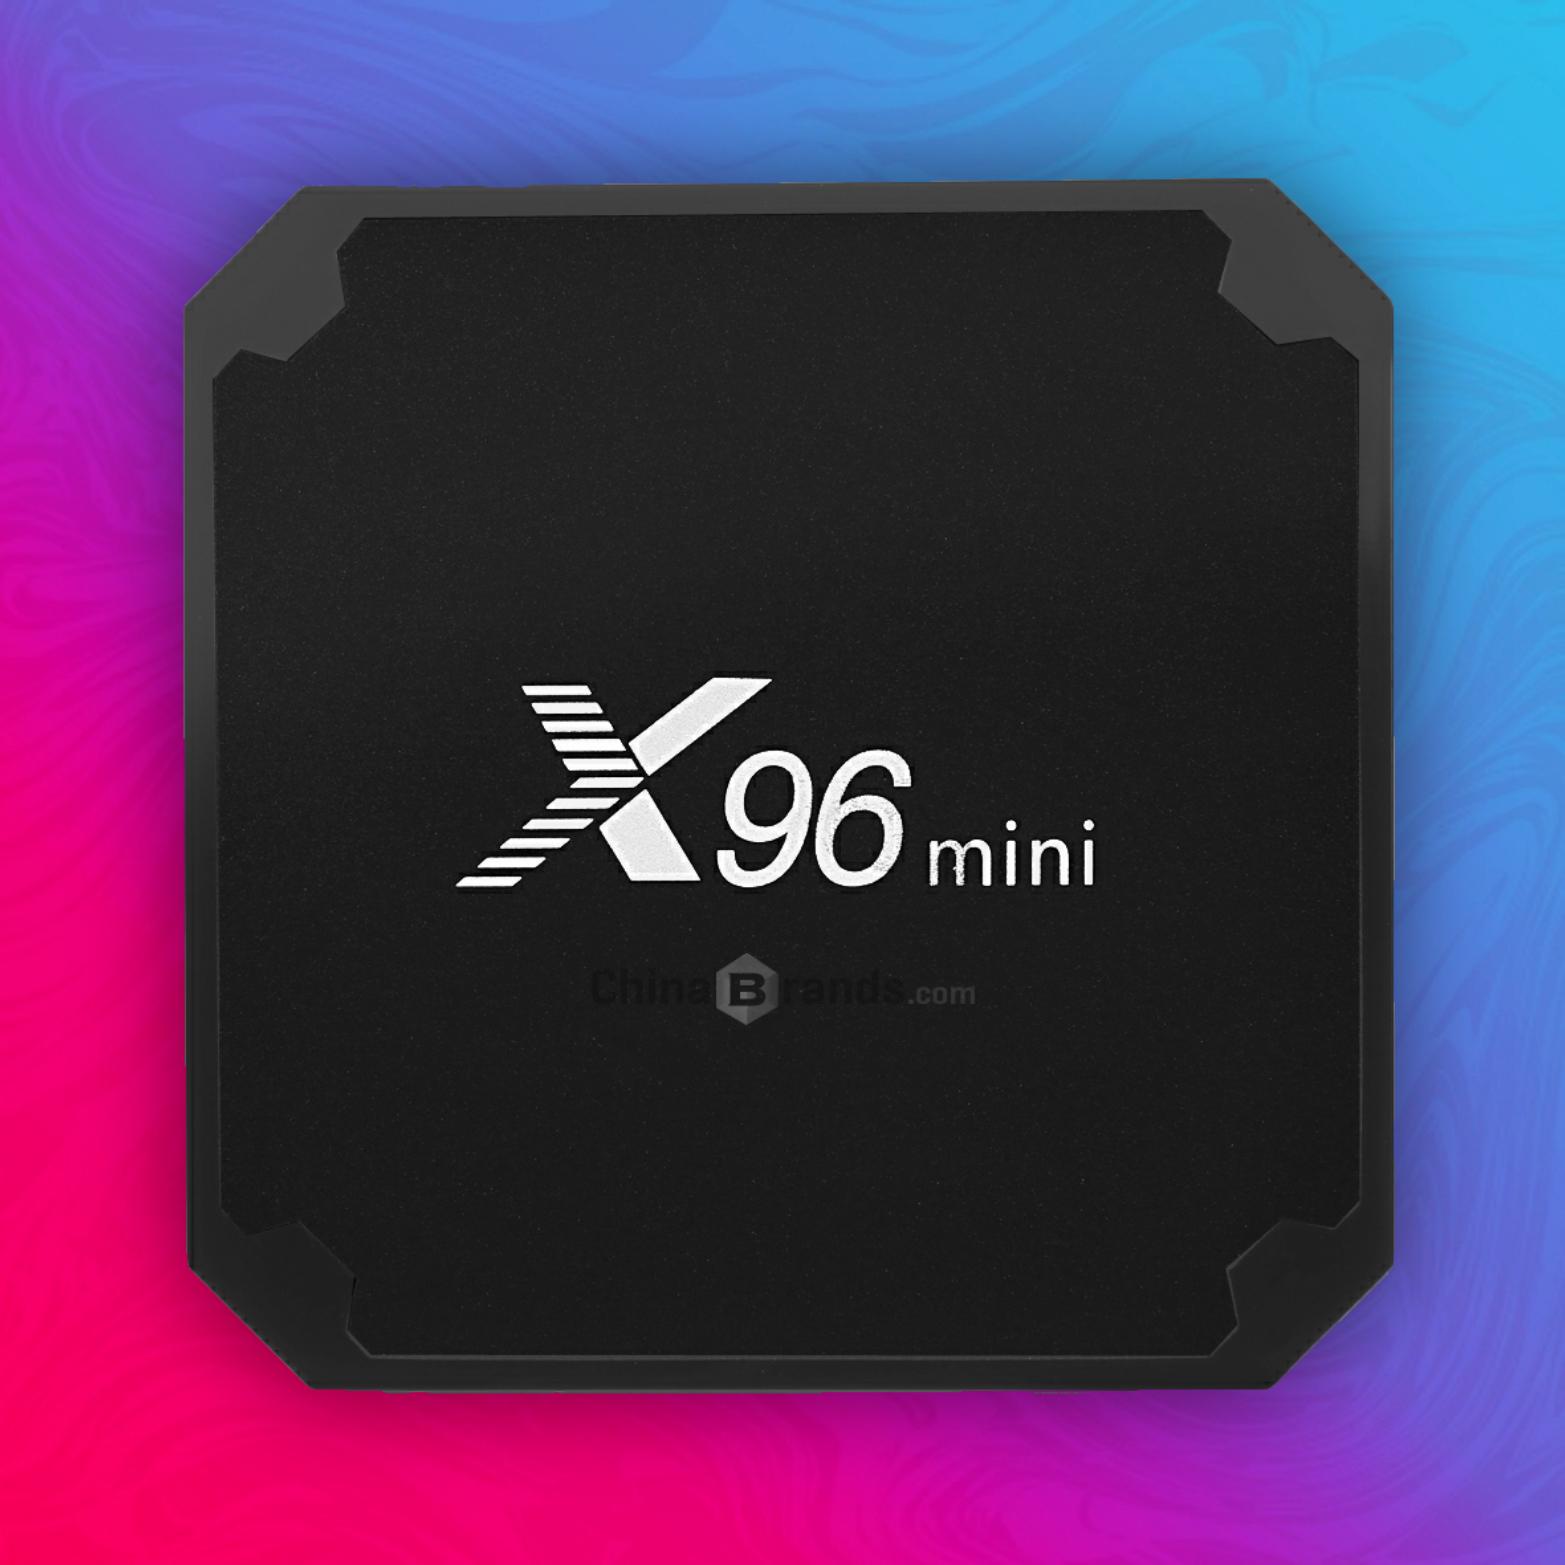 Vontar X96 Mini: TV Box - 16GB Speicher / 2GB RAM - Amlogic S905W - 4K/H.265 - Mali-450 Grafik